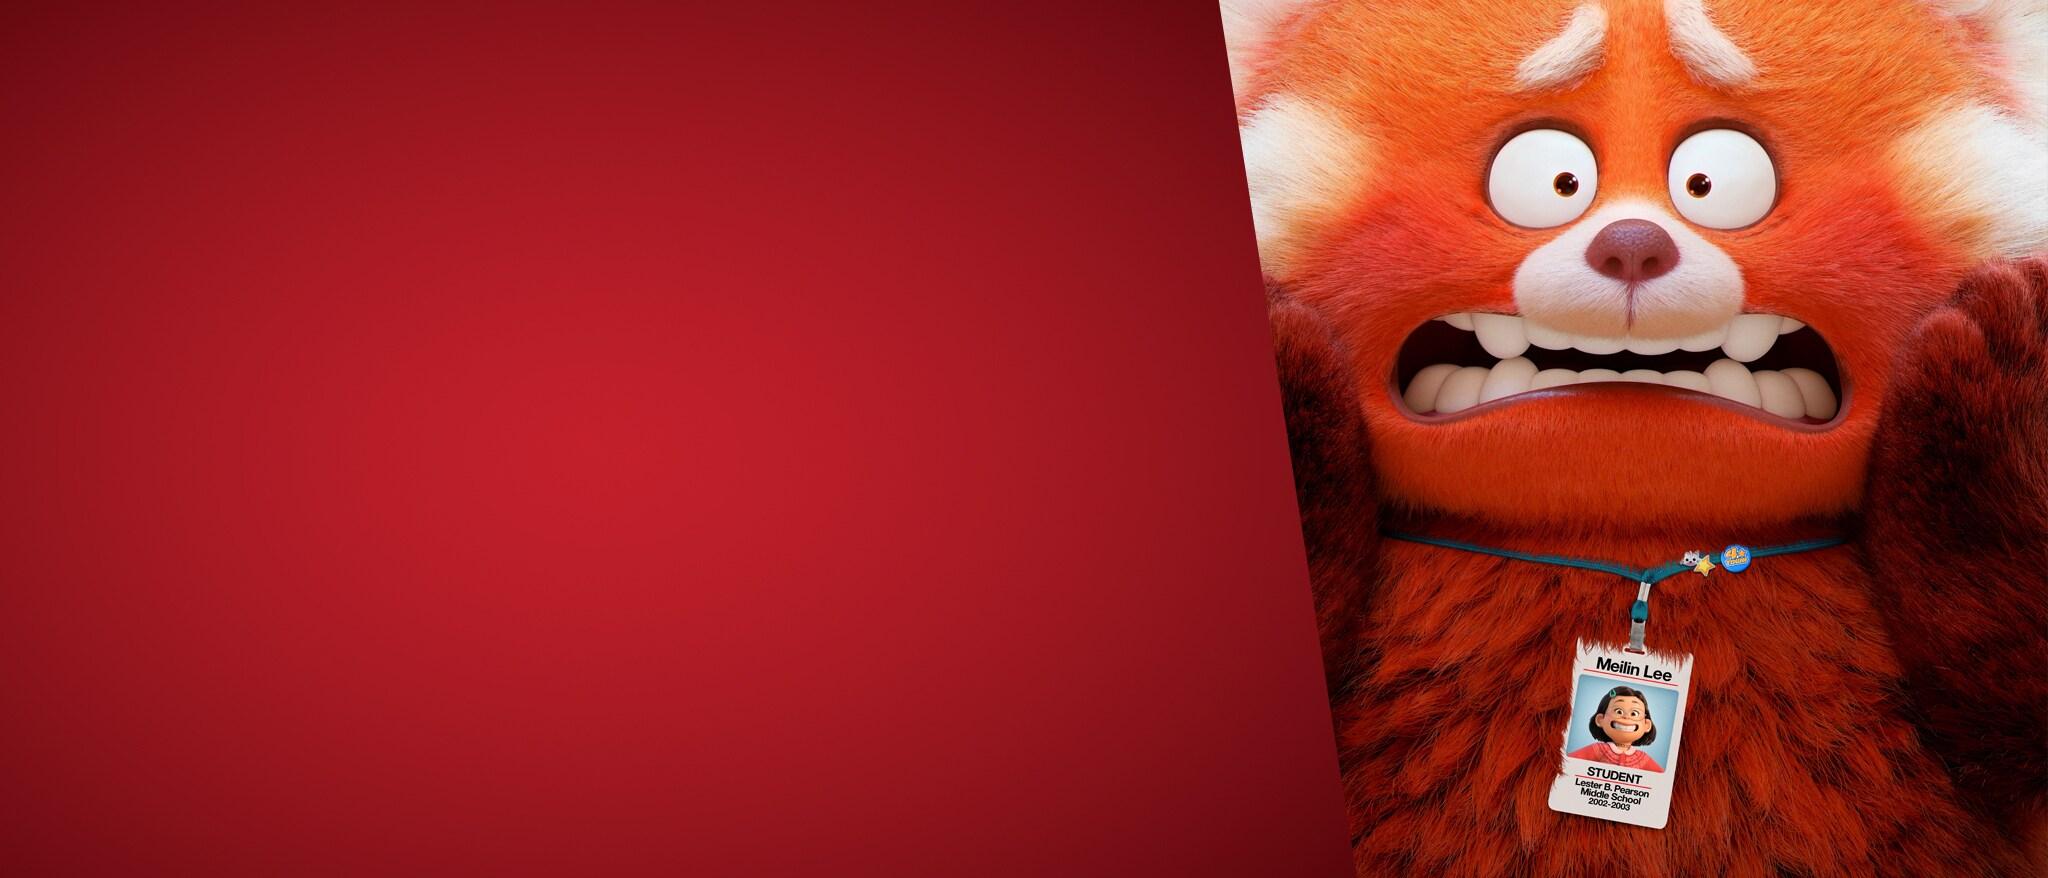 Hero - Disney - Turning Red Trailer - Showcase Page